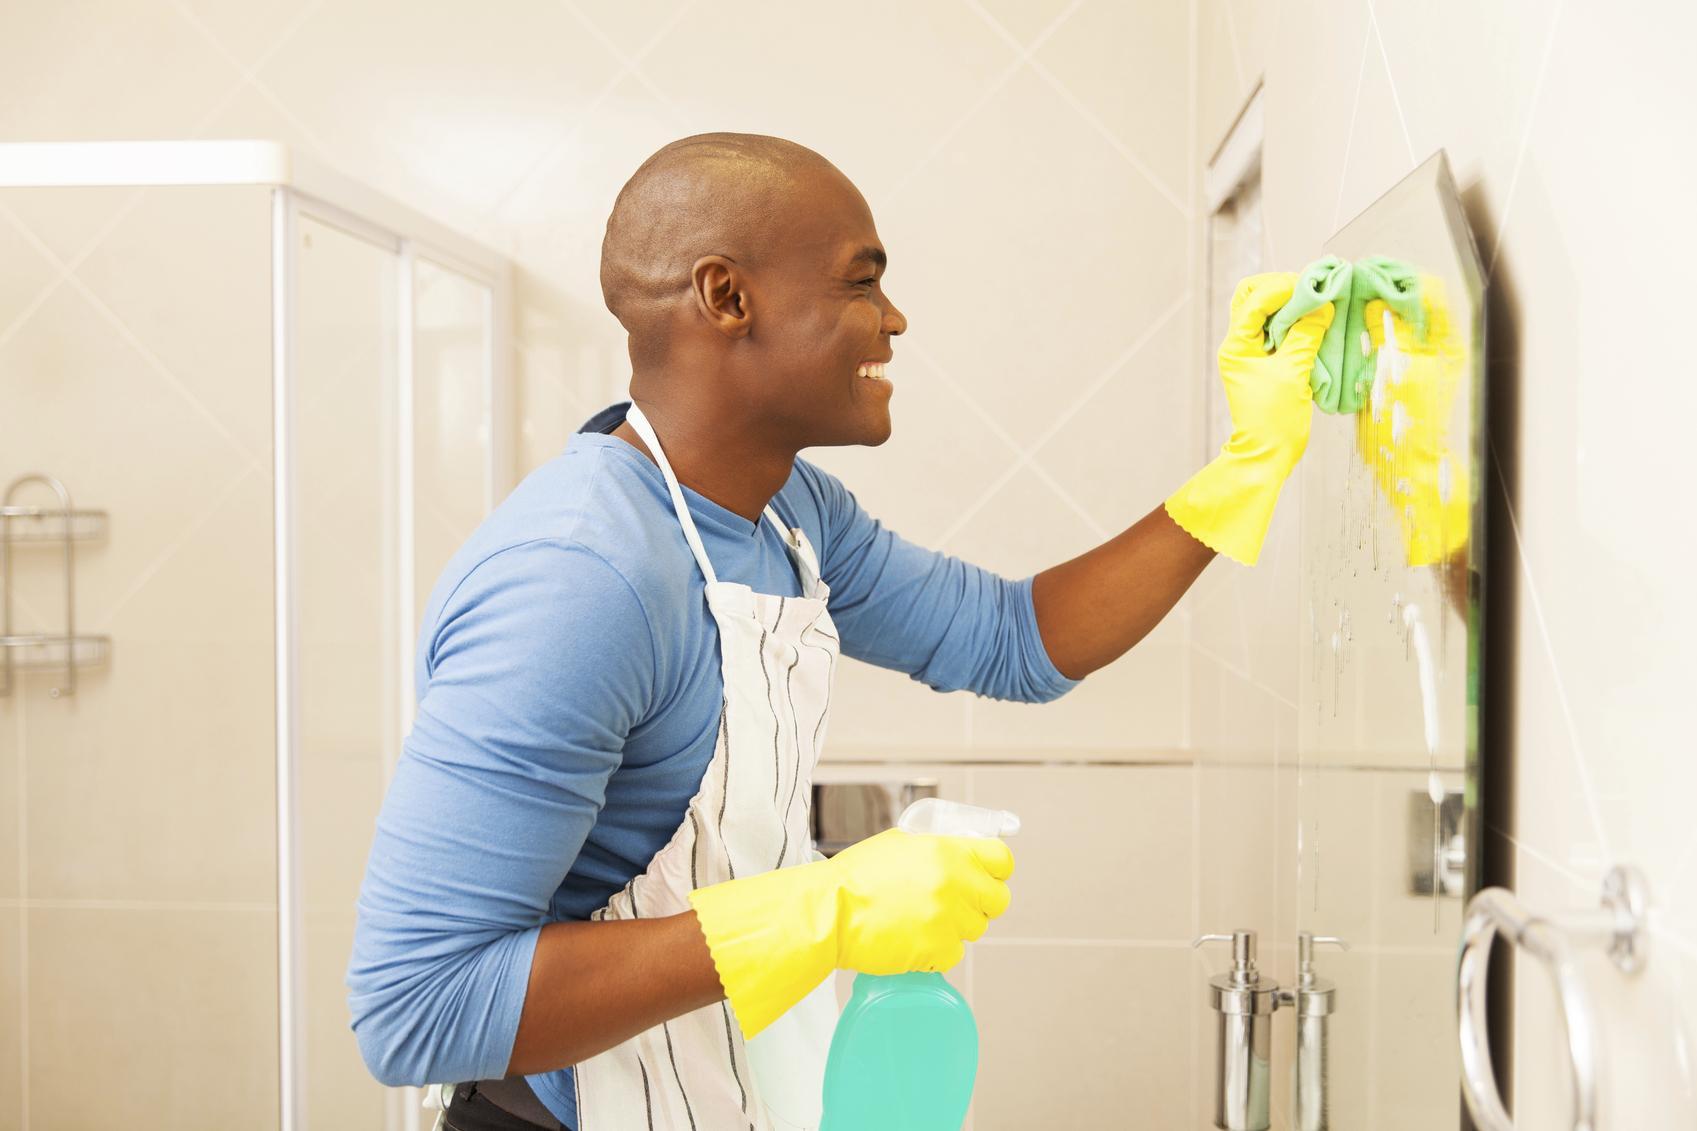 ¿Cómo realizar una limpieza del baño?